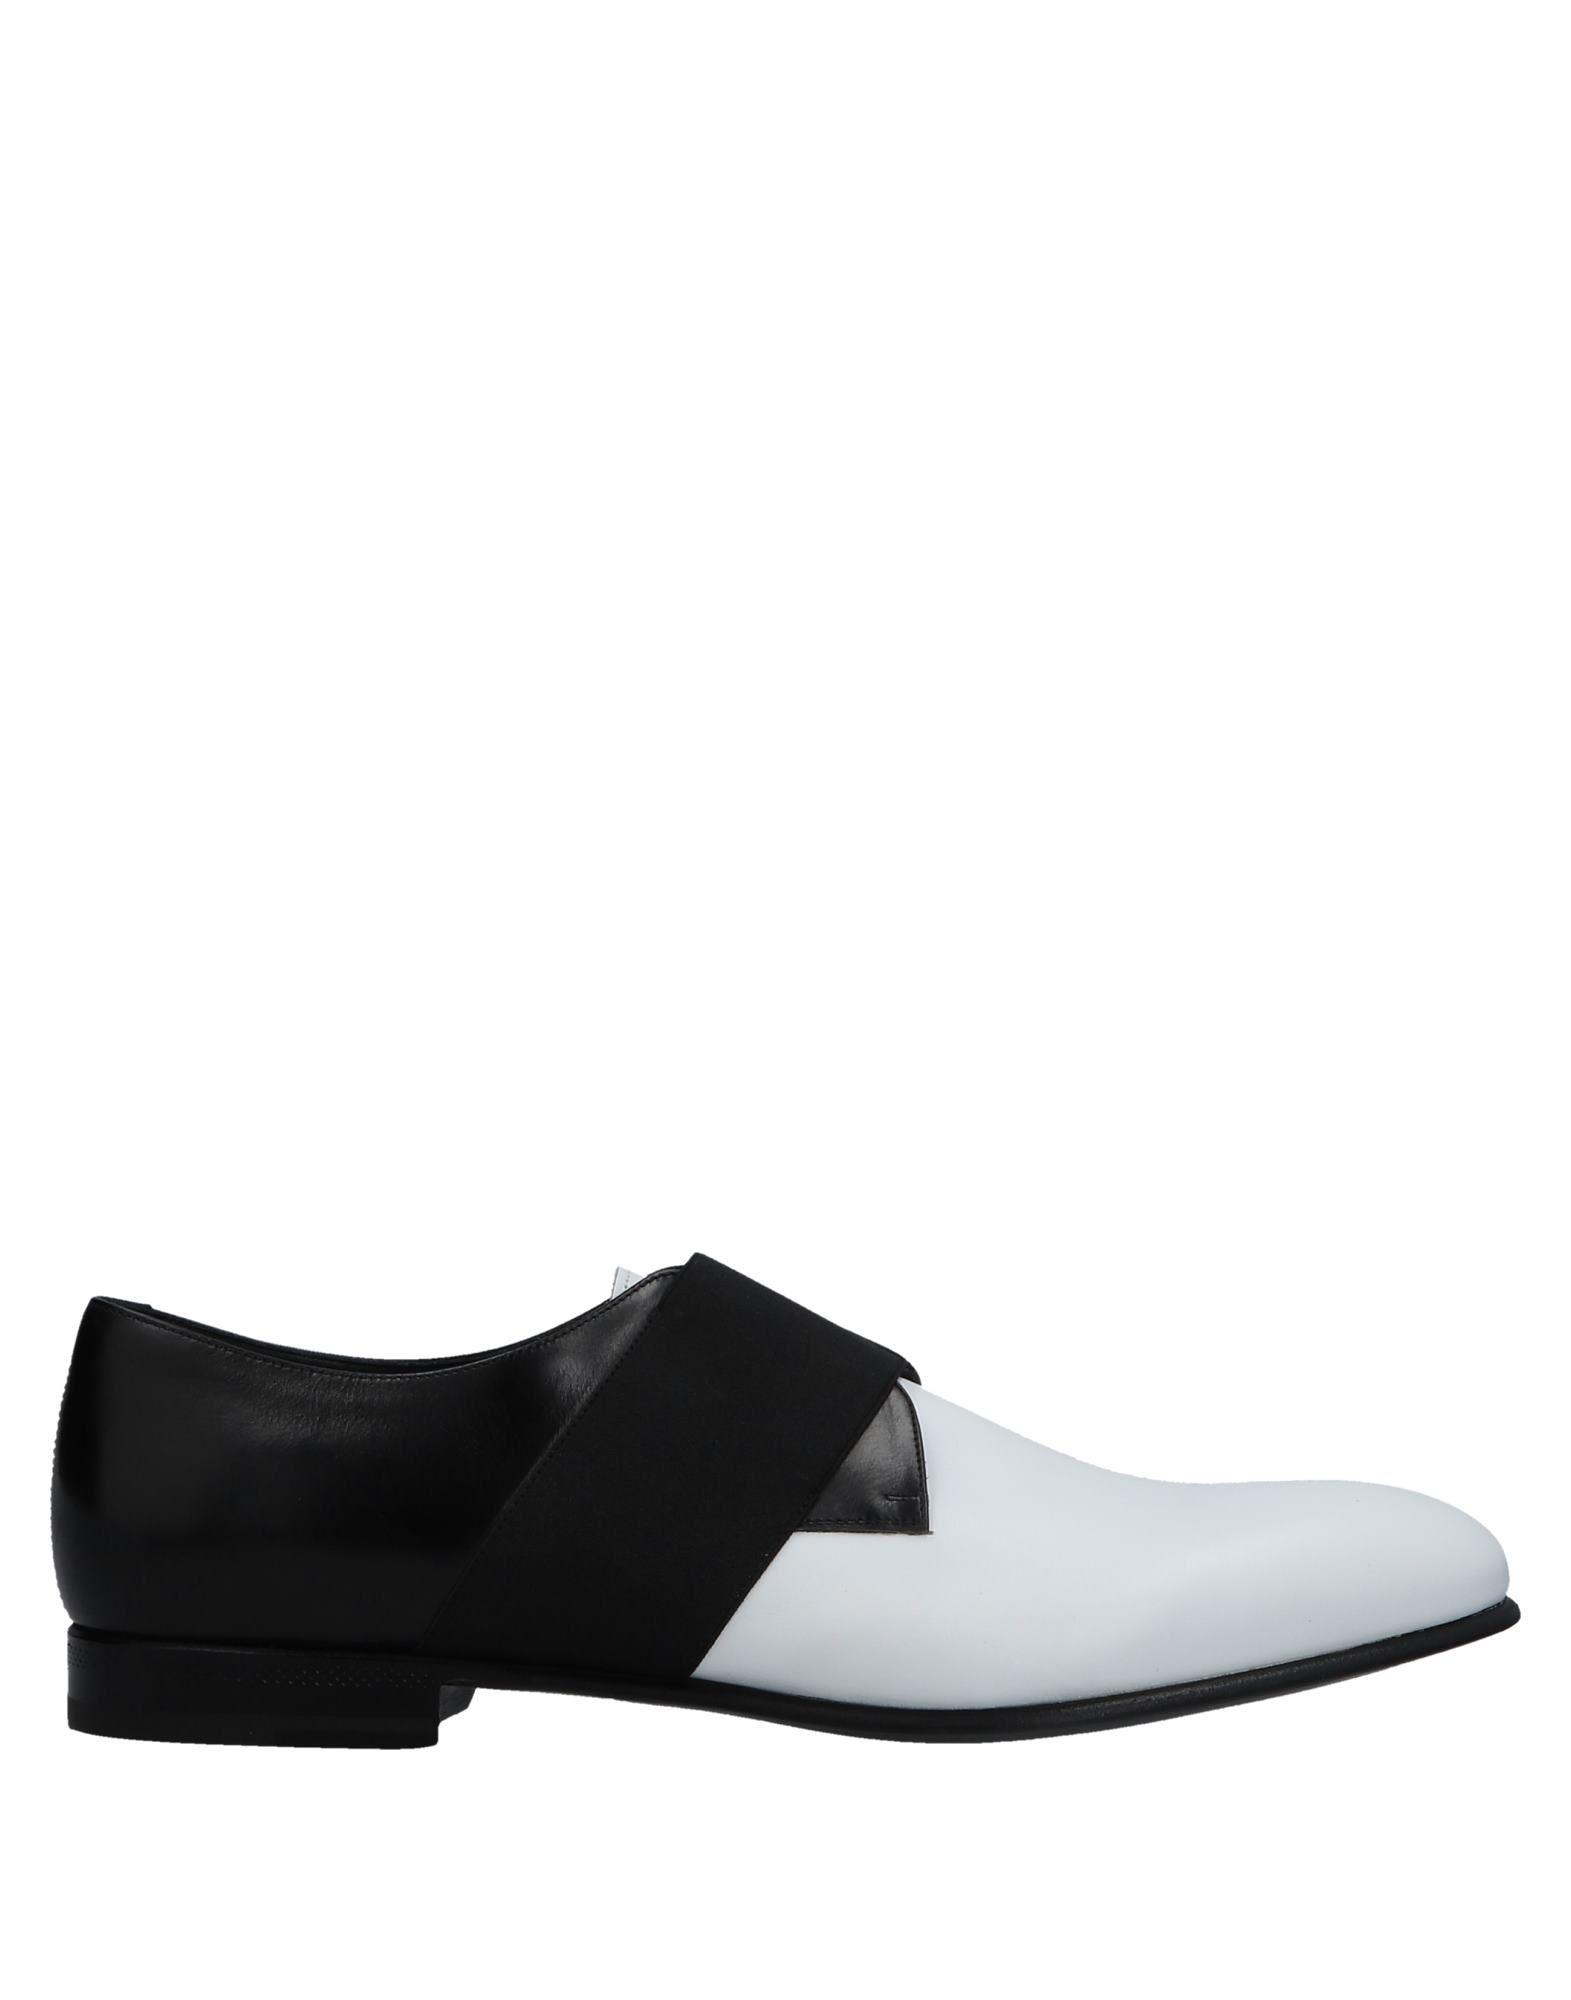 Sergio Rossi Mokassins Herren  11526029CO Gute Qualität beliebte Schuhe